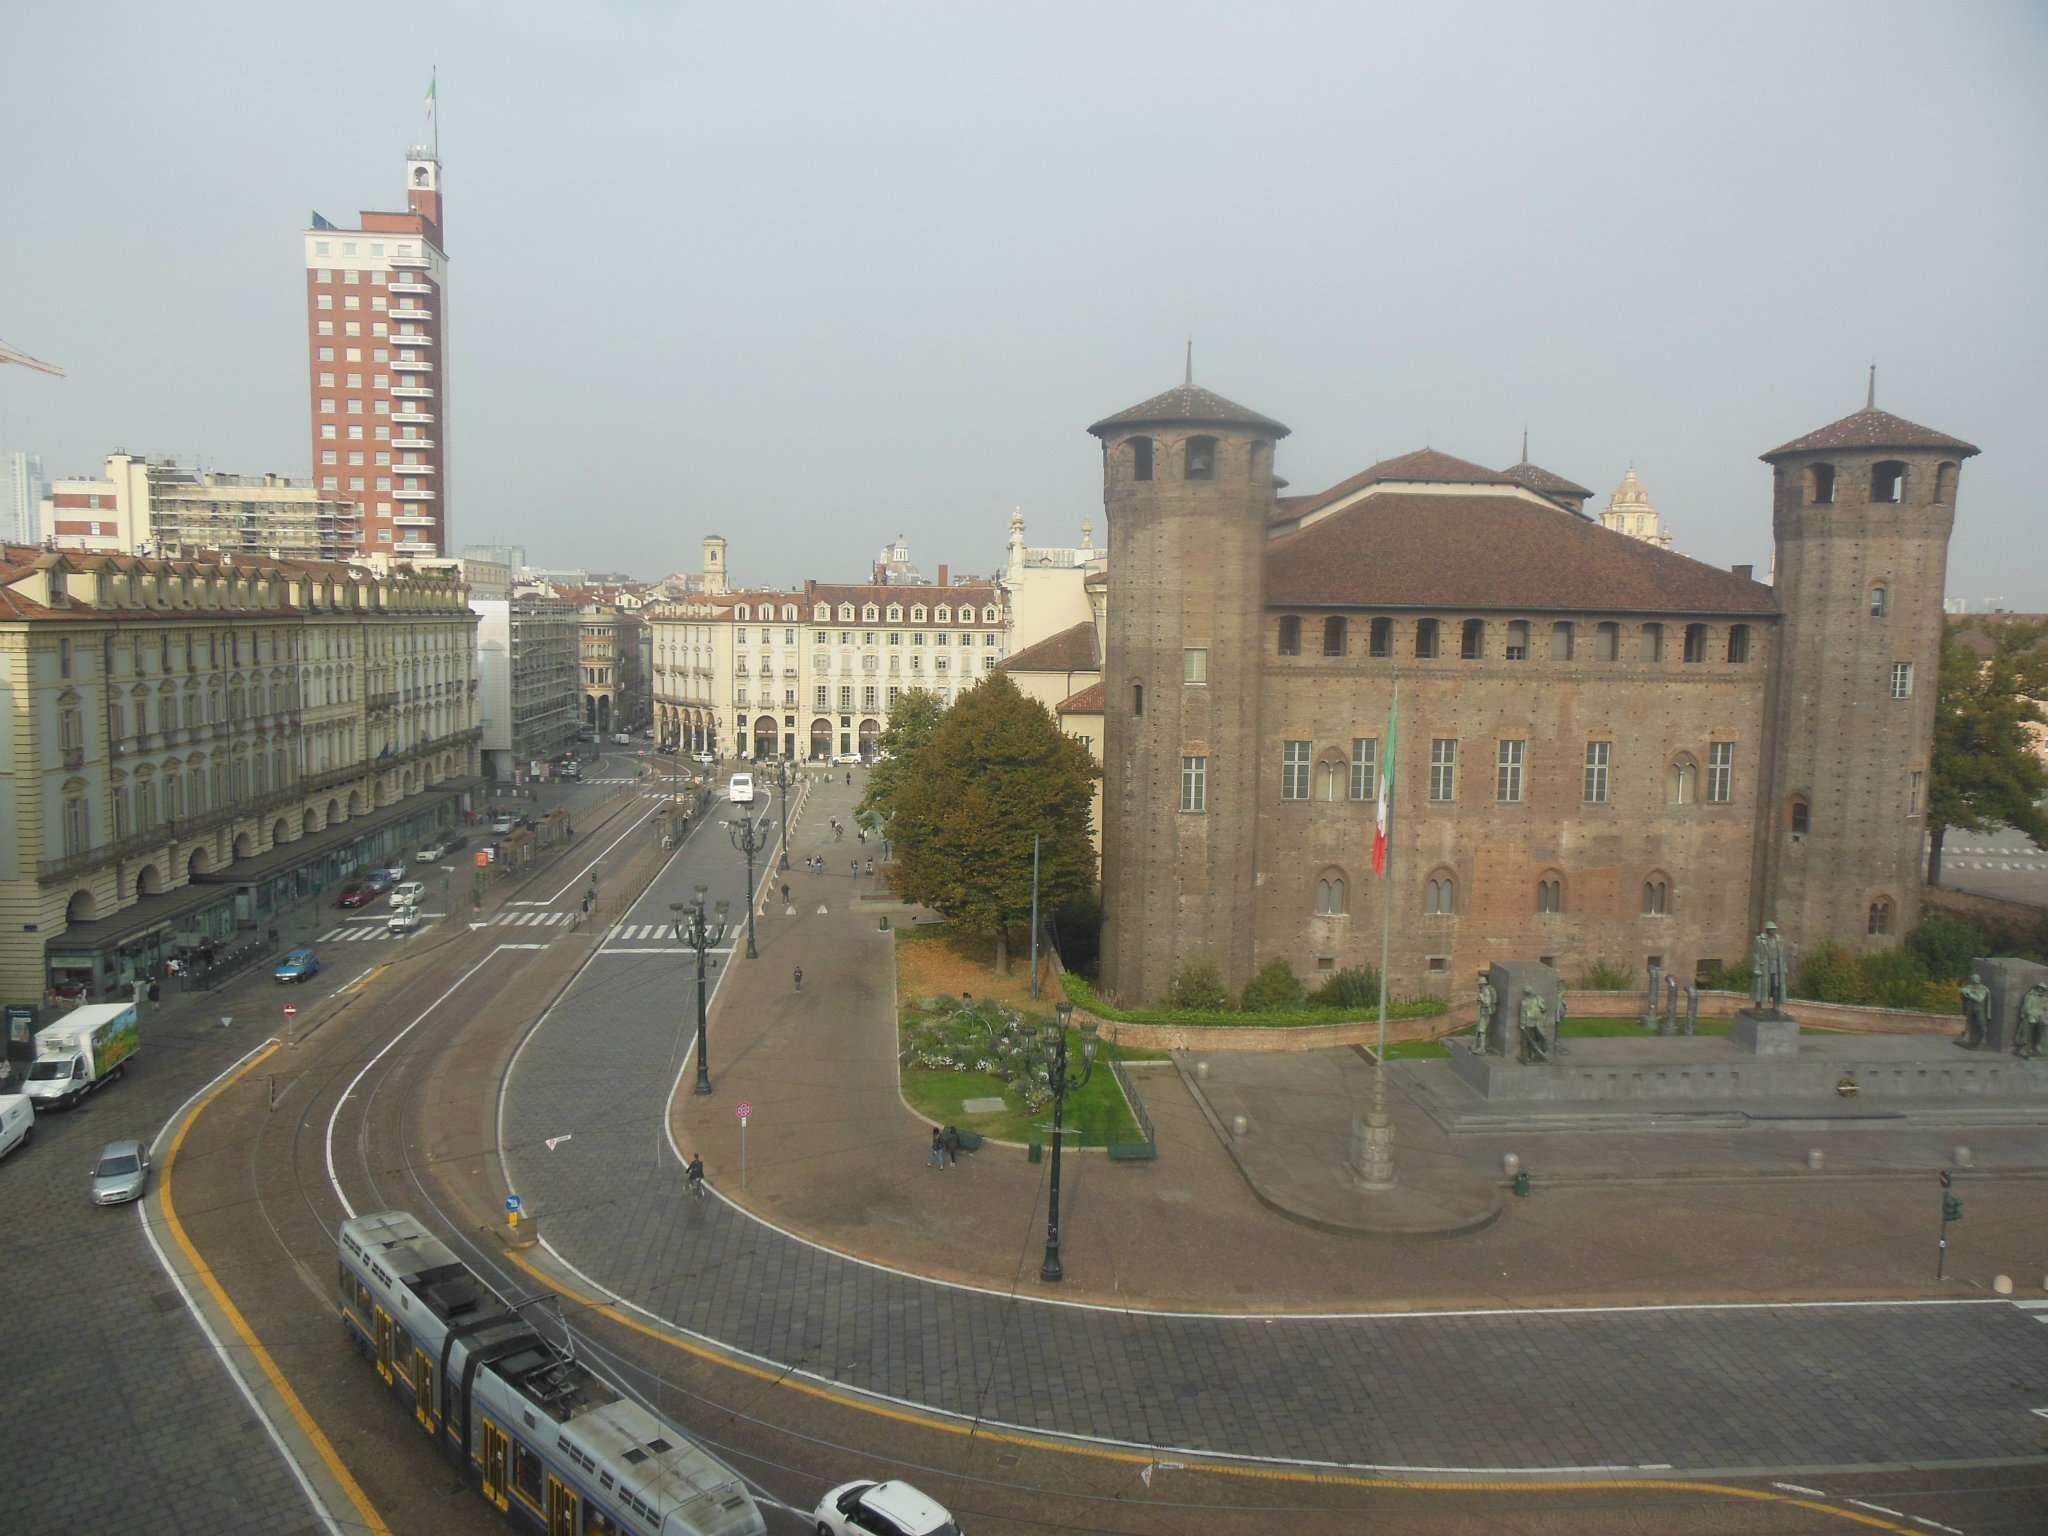 Attico / Mansarda in affitto a Torino, 3 locali, zona Zona: 1 . Centro, Quadrilatero Romano, Repubblica, Giardini Reali, prezzo € 680 | CambioCasa.it